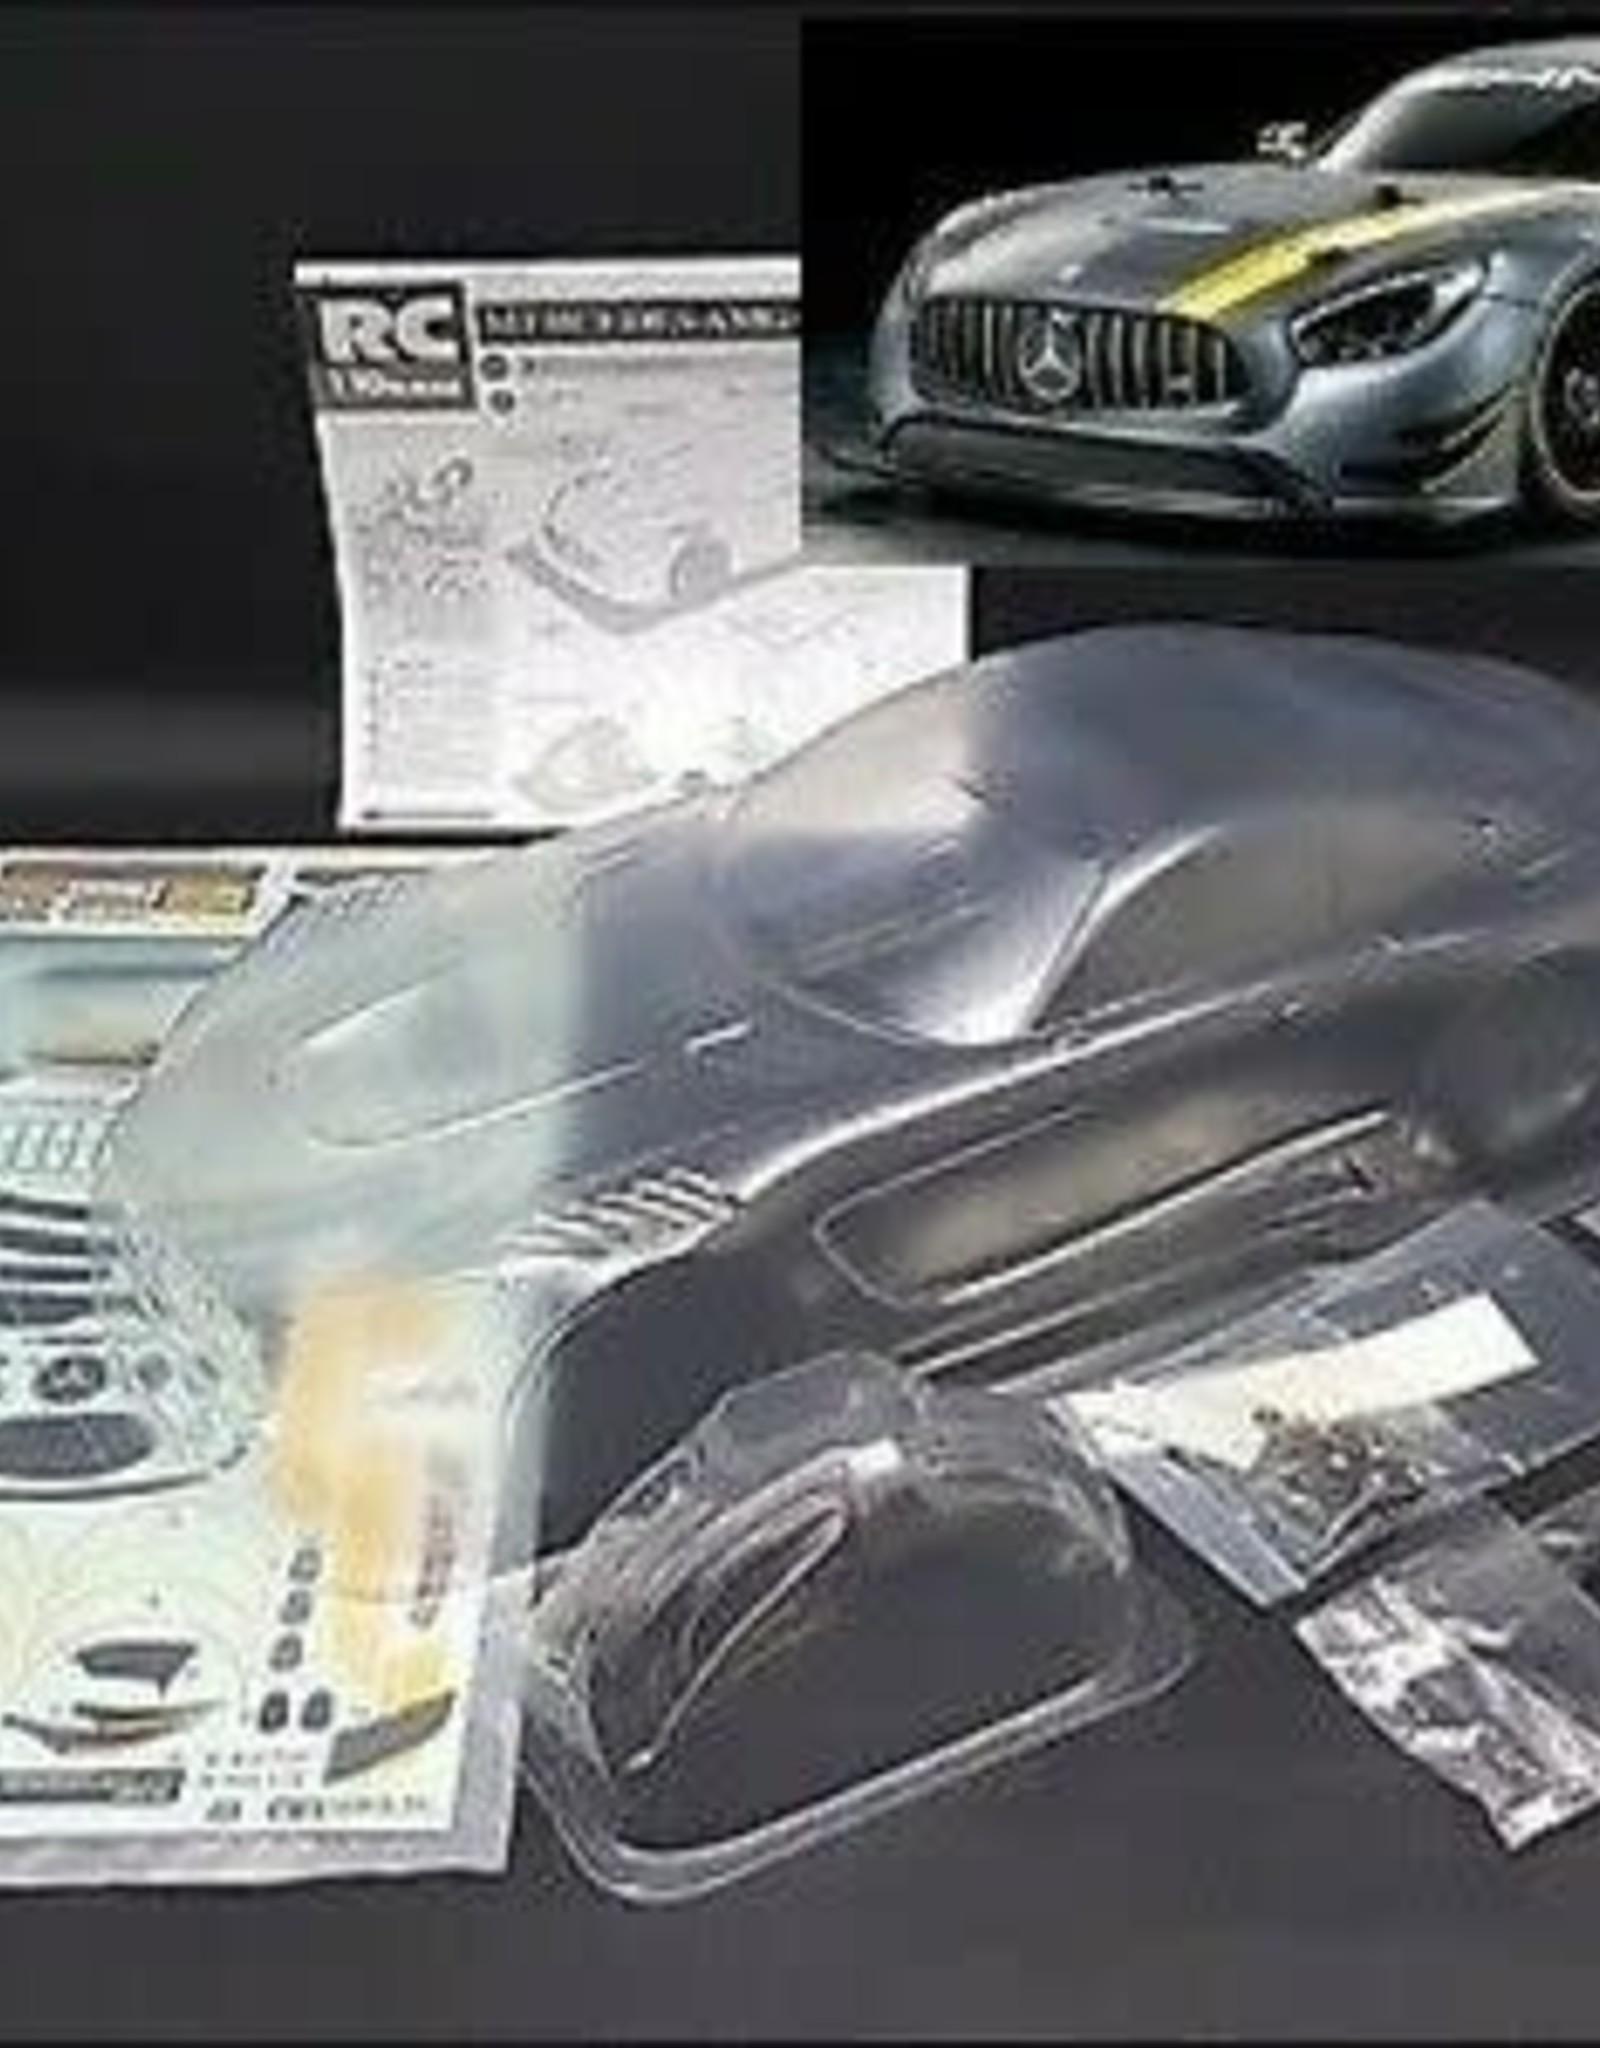 Tamiya TAM51590 1/10 Scale R/C Mercedes AMG GT3 Body